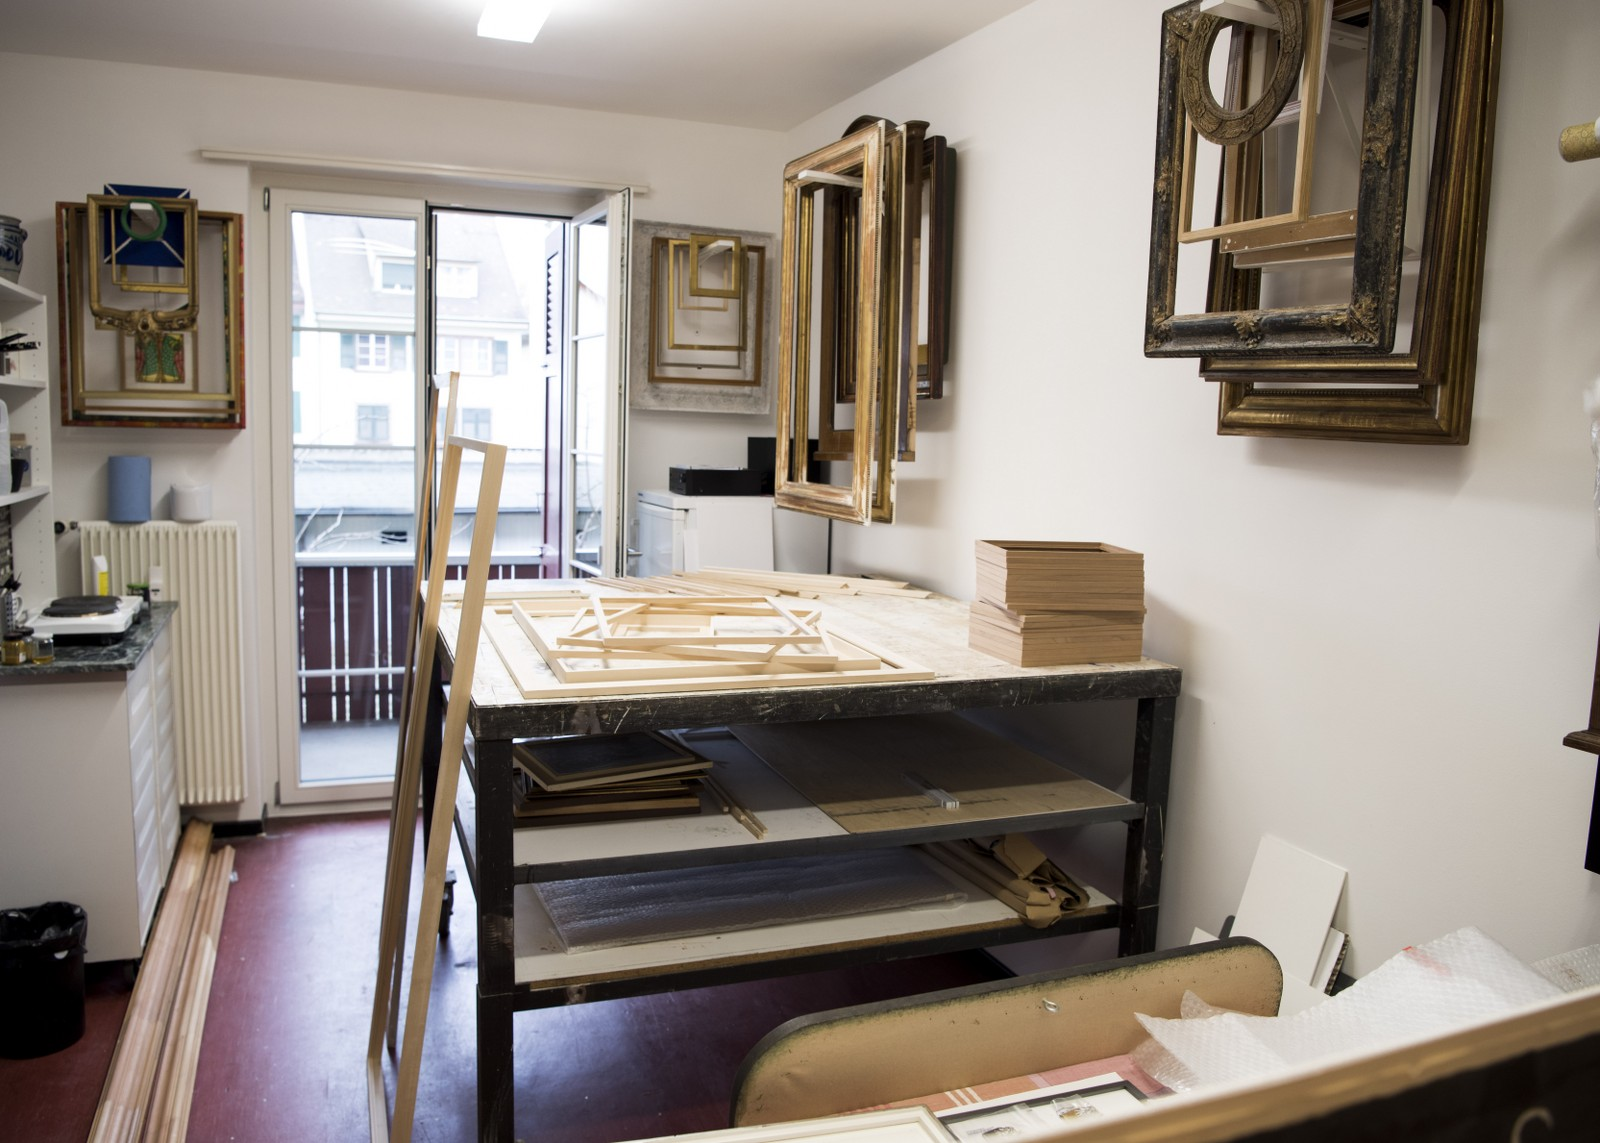 Großzügig Herstellung Von Holzrahmen Für Bilder Fotos ...